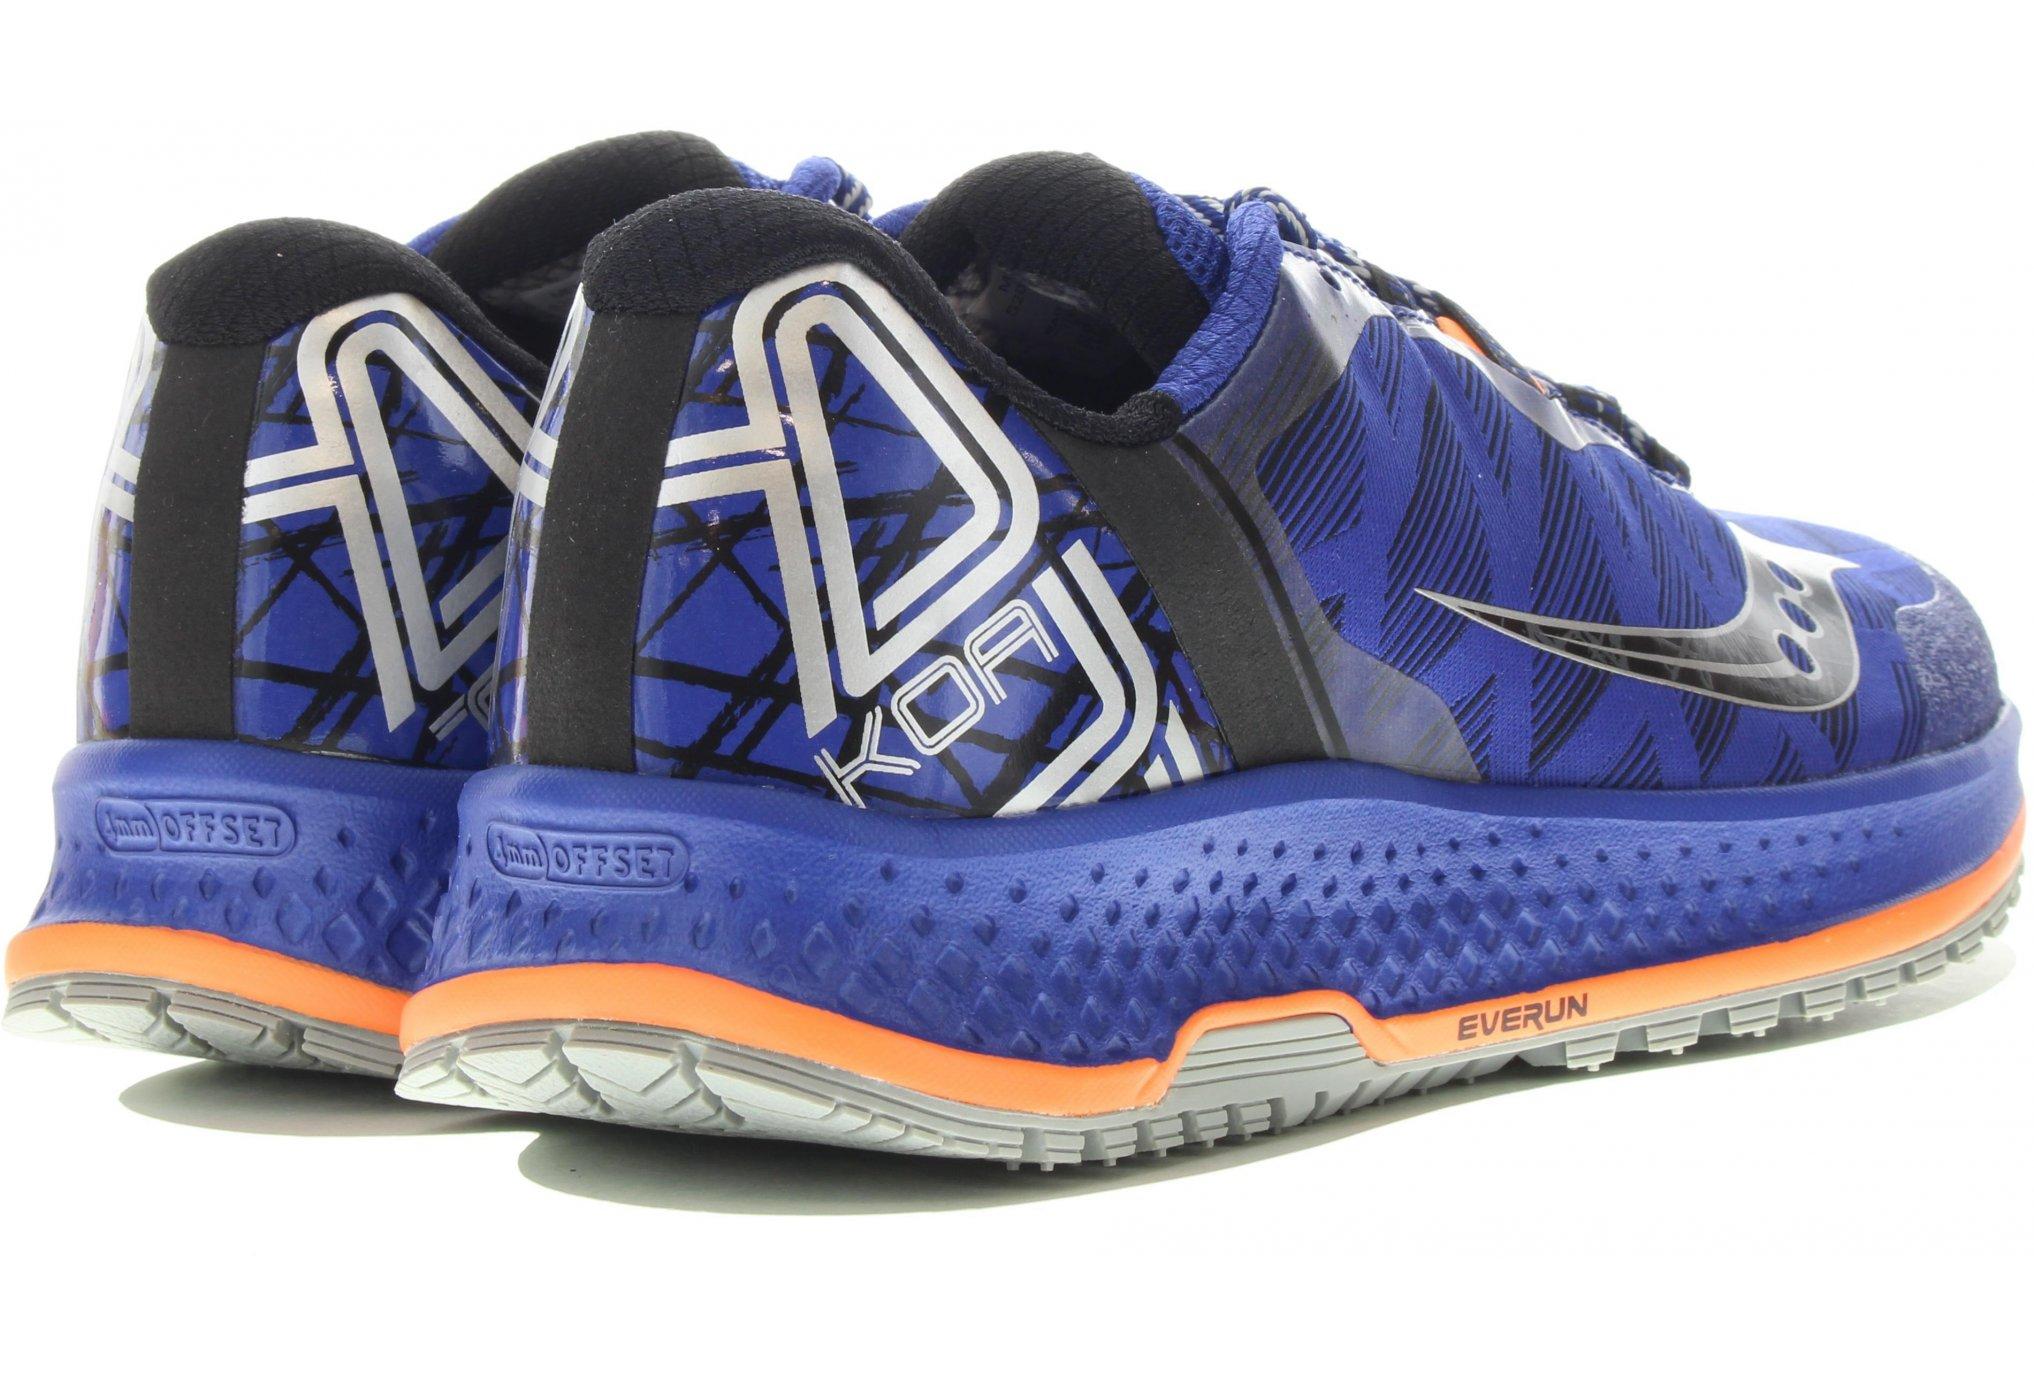 67e685363f5 La vraie chaussure de trail pour terrain sec (voire plus si affinité) et  qui pourra vous faire aller loin